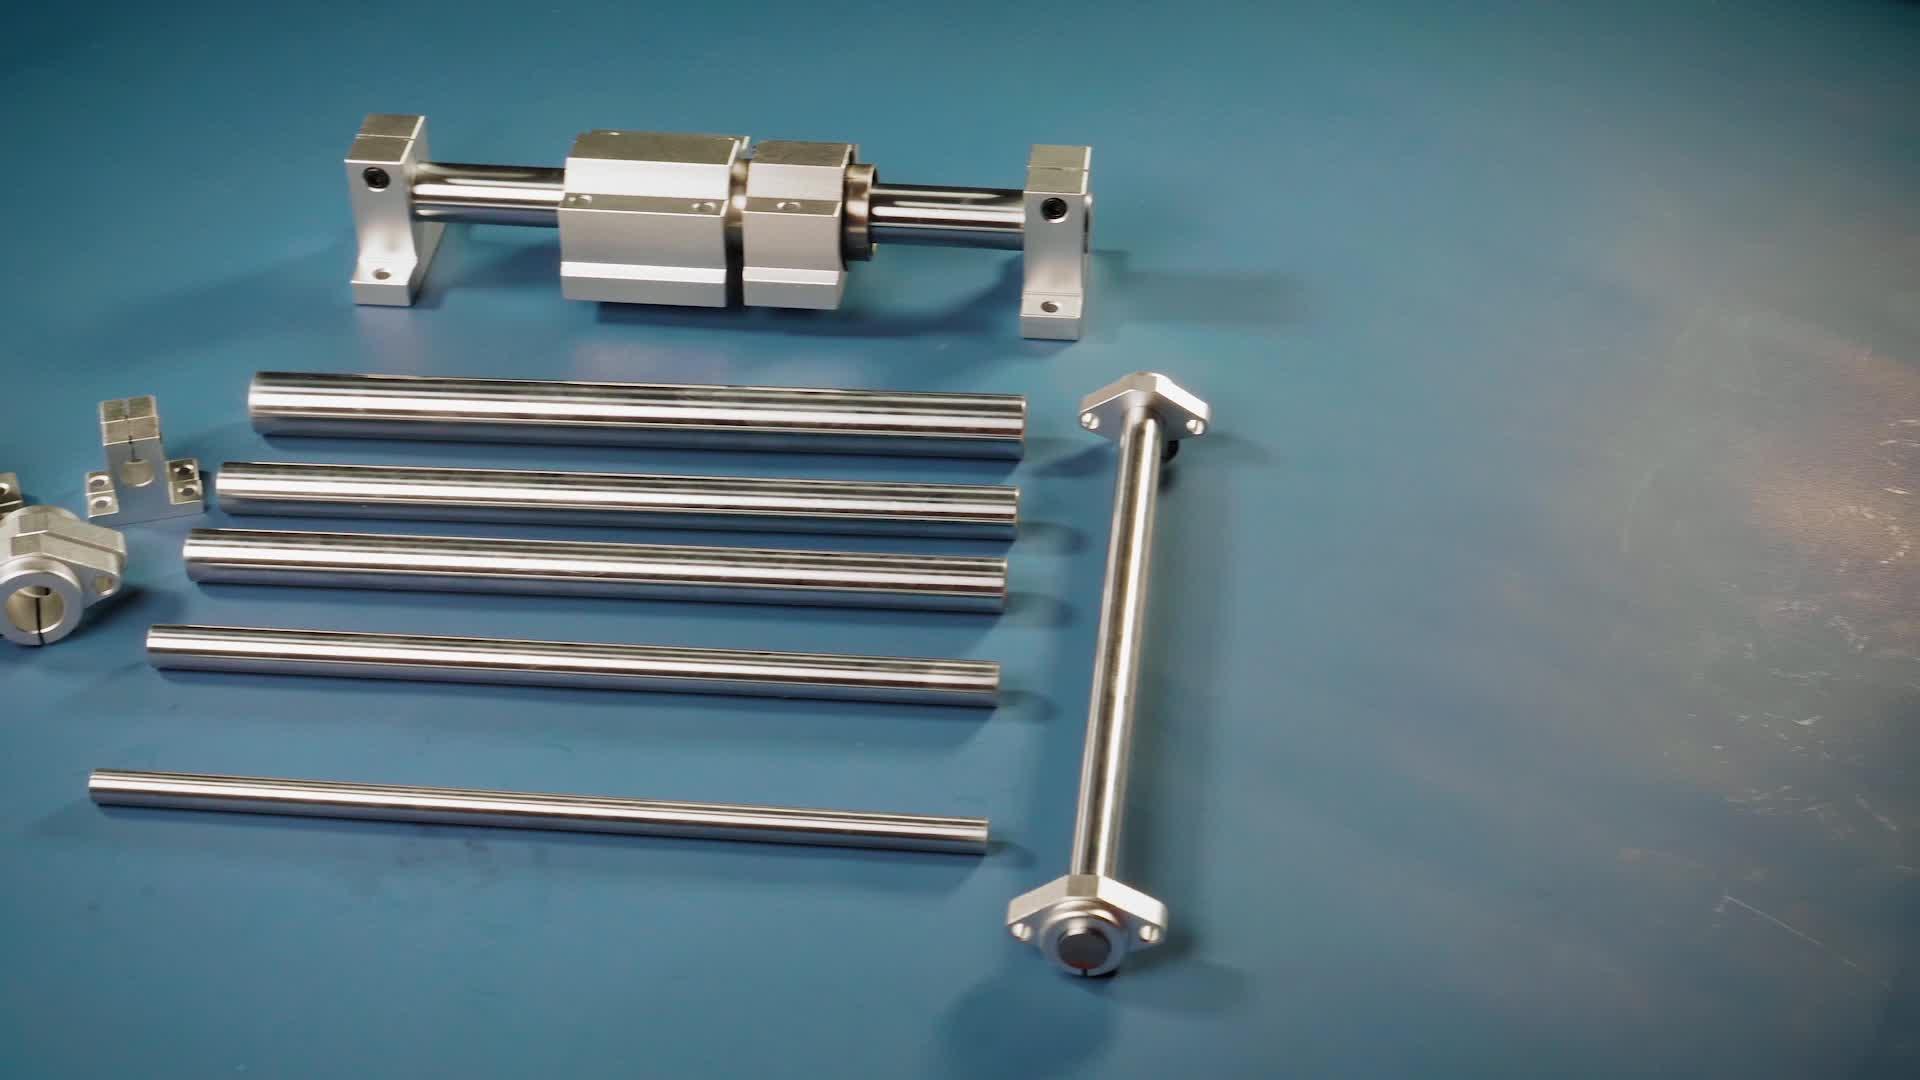 Arbre d'entraînement en acier inoxydable de précision pour débroussailleuse WC8